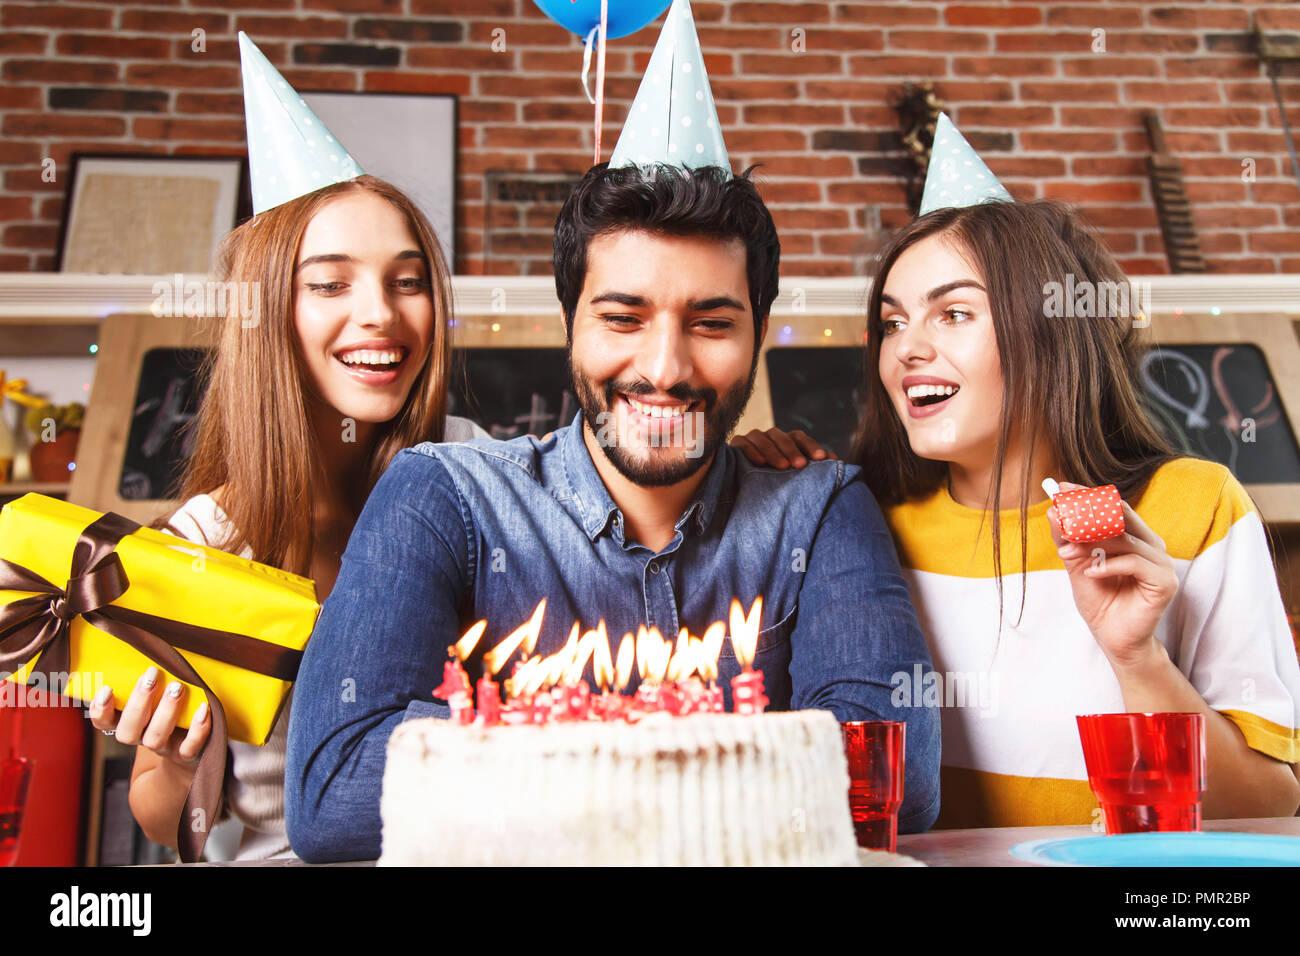 Feliz hombre barbado listo para soplar las velas de su pastel de cumpleaños blanca con sus amigas Imagen De Stock